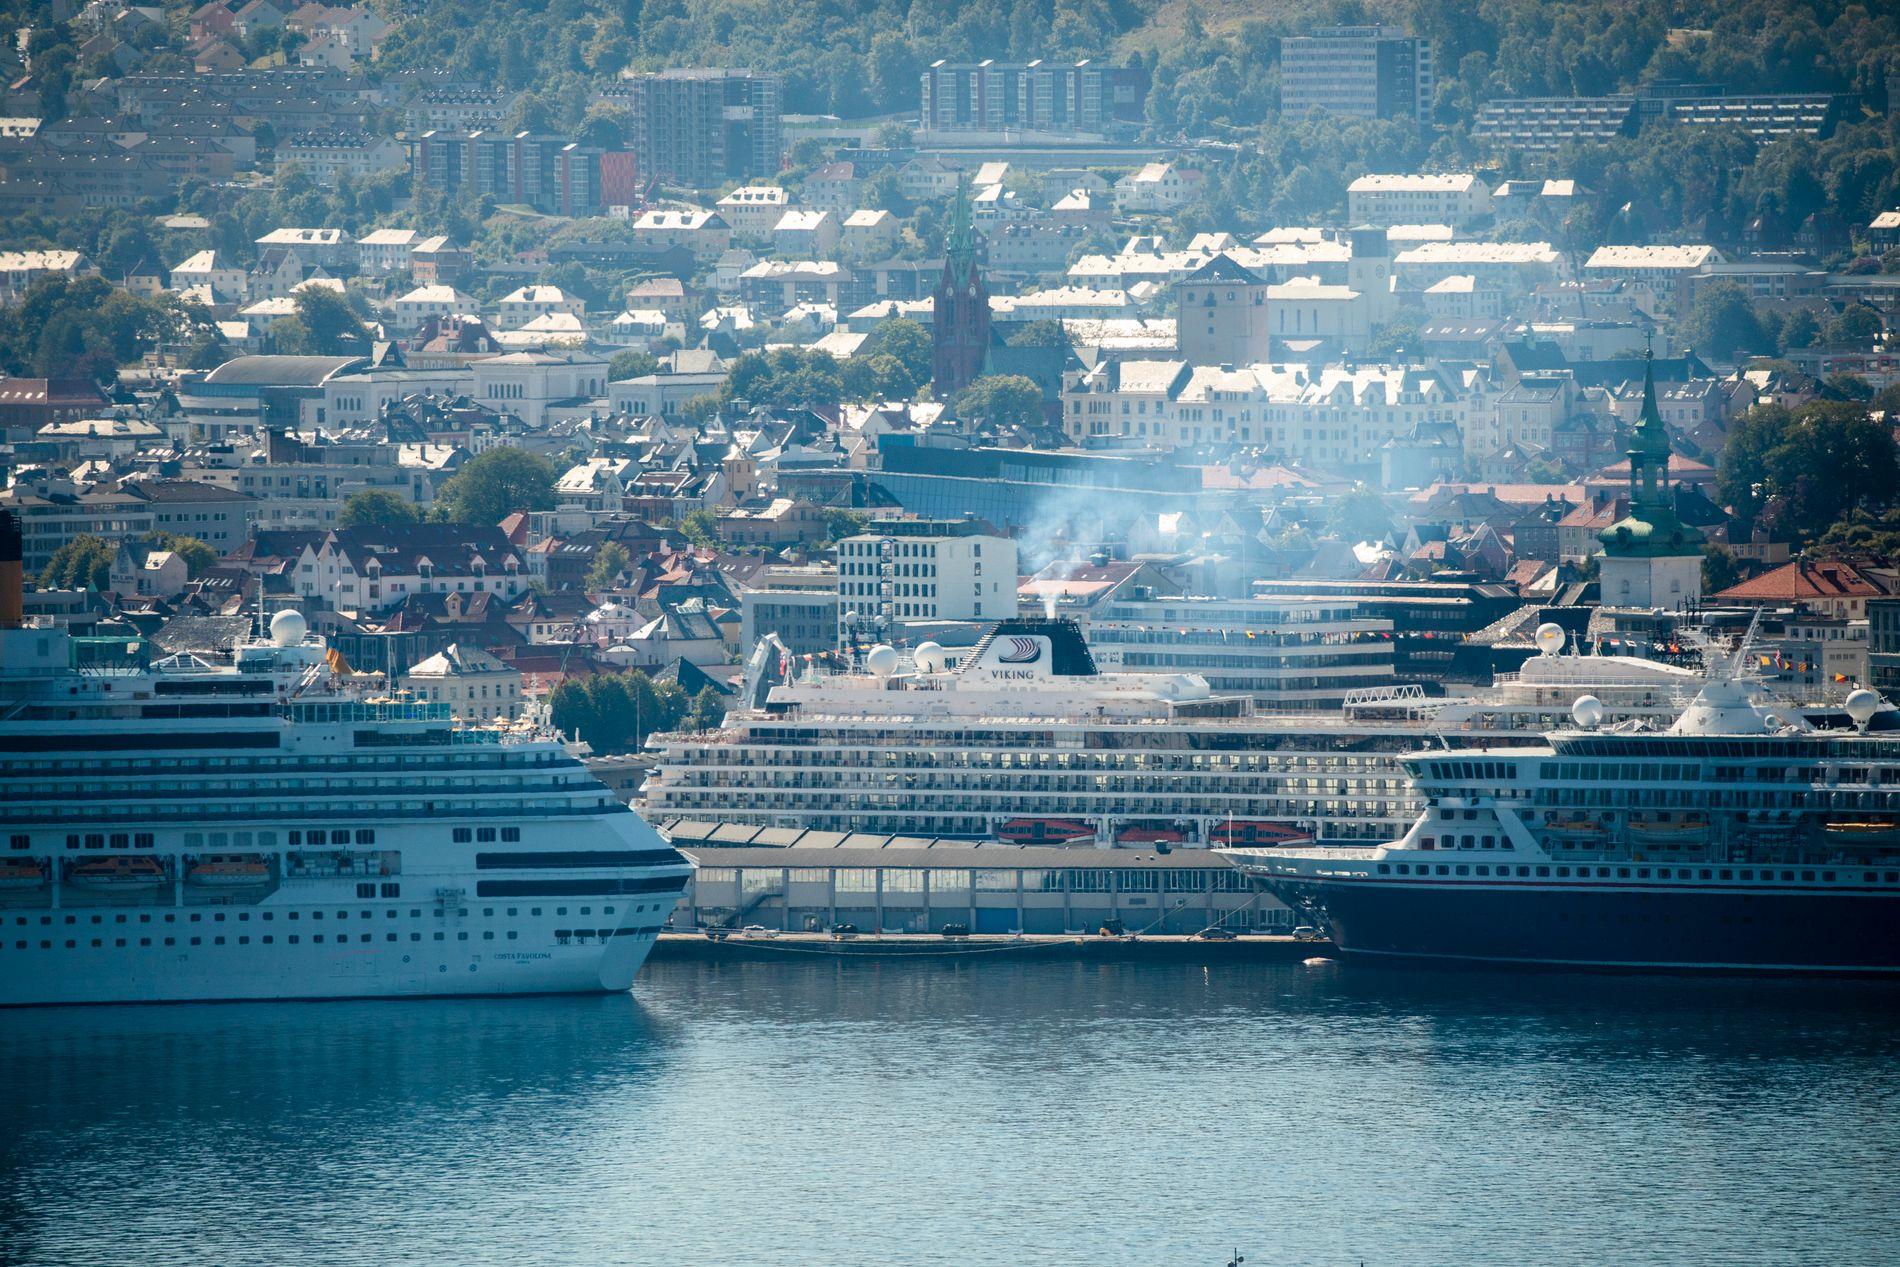 «OVERSVØMMELSE»: Når vi kan lese at cruiseflåten som besøker Bergen i år vil brenne av nærmere 7000 tonn drivstoff ved kai, stiller jeg meg uforstående til at ikke landstrøm for lengst er blitt påbudt, skriver innsender.